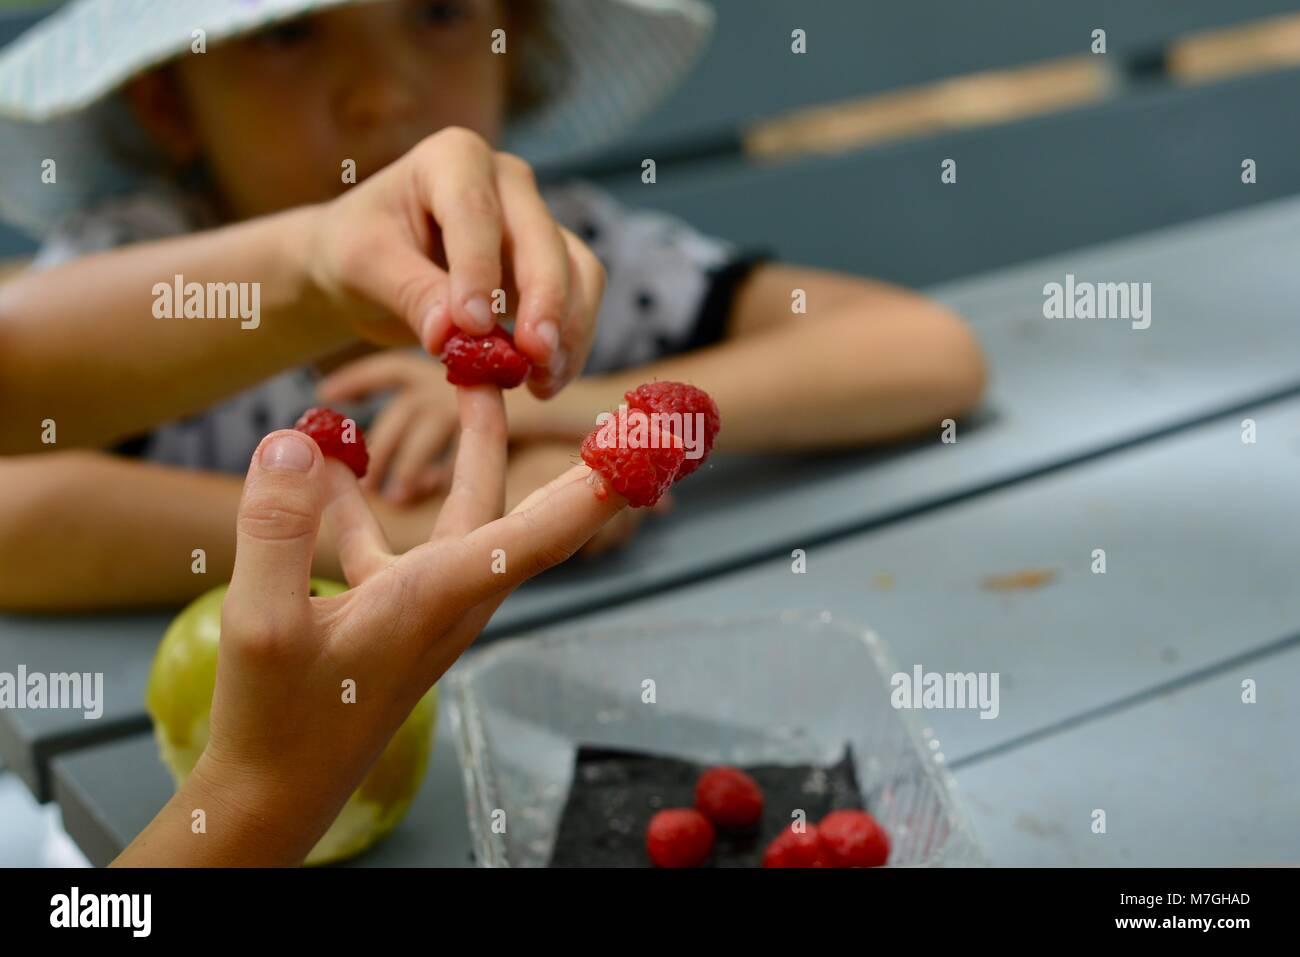 Les enfants de manger des framboises, Apex Park Drive, Condon Riverway, QLD, Australie Photo Stock